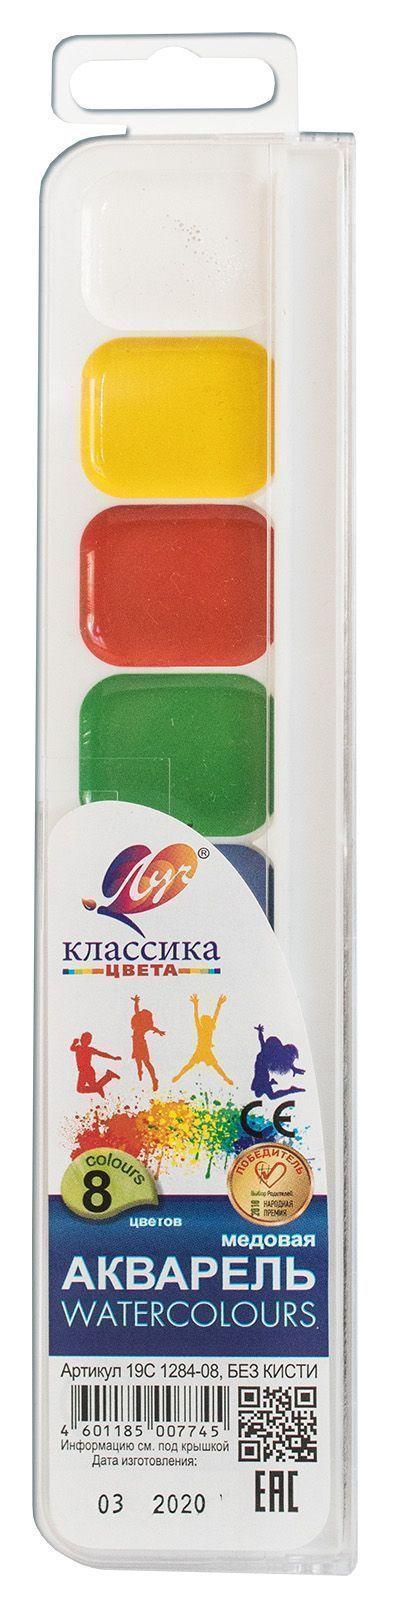 Акварель ЛУЧ КЛАССИКА 8 цветов, пластиковая упаковка, без кисти, европодвес